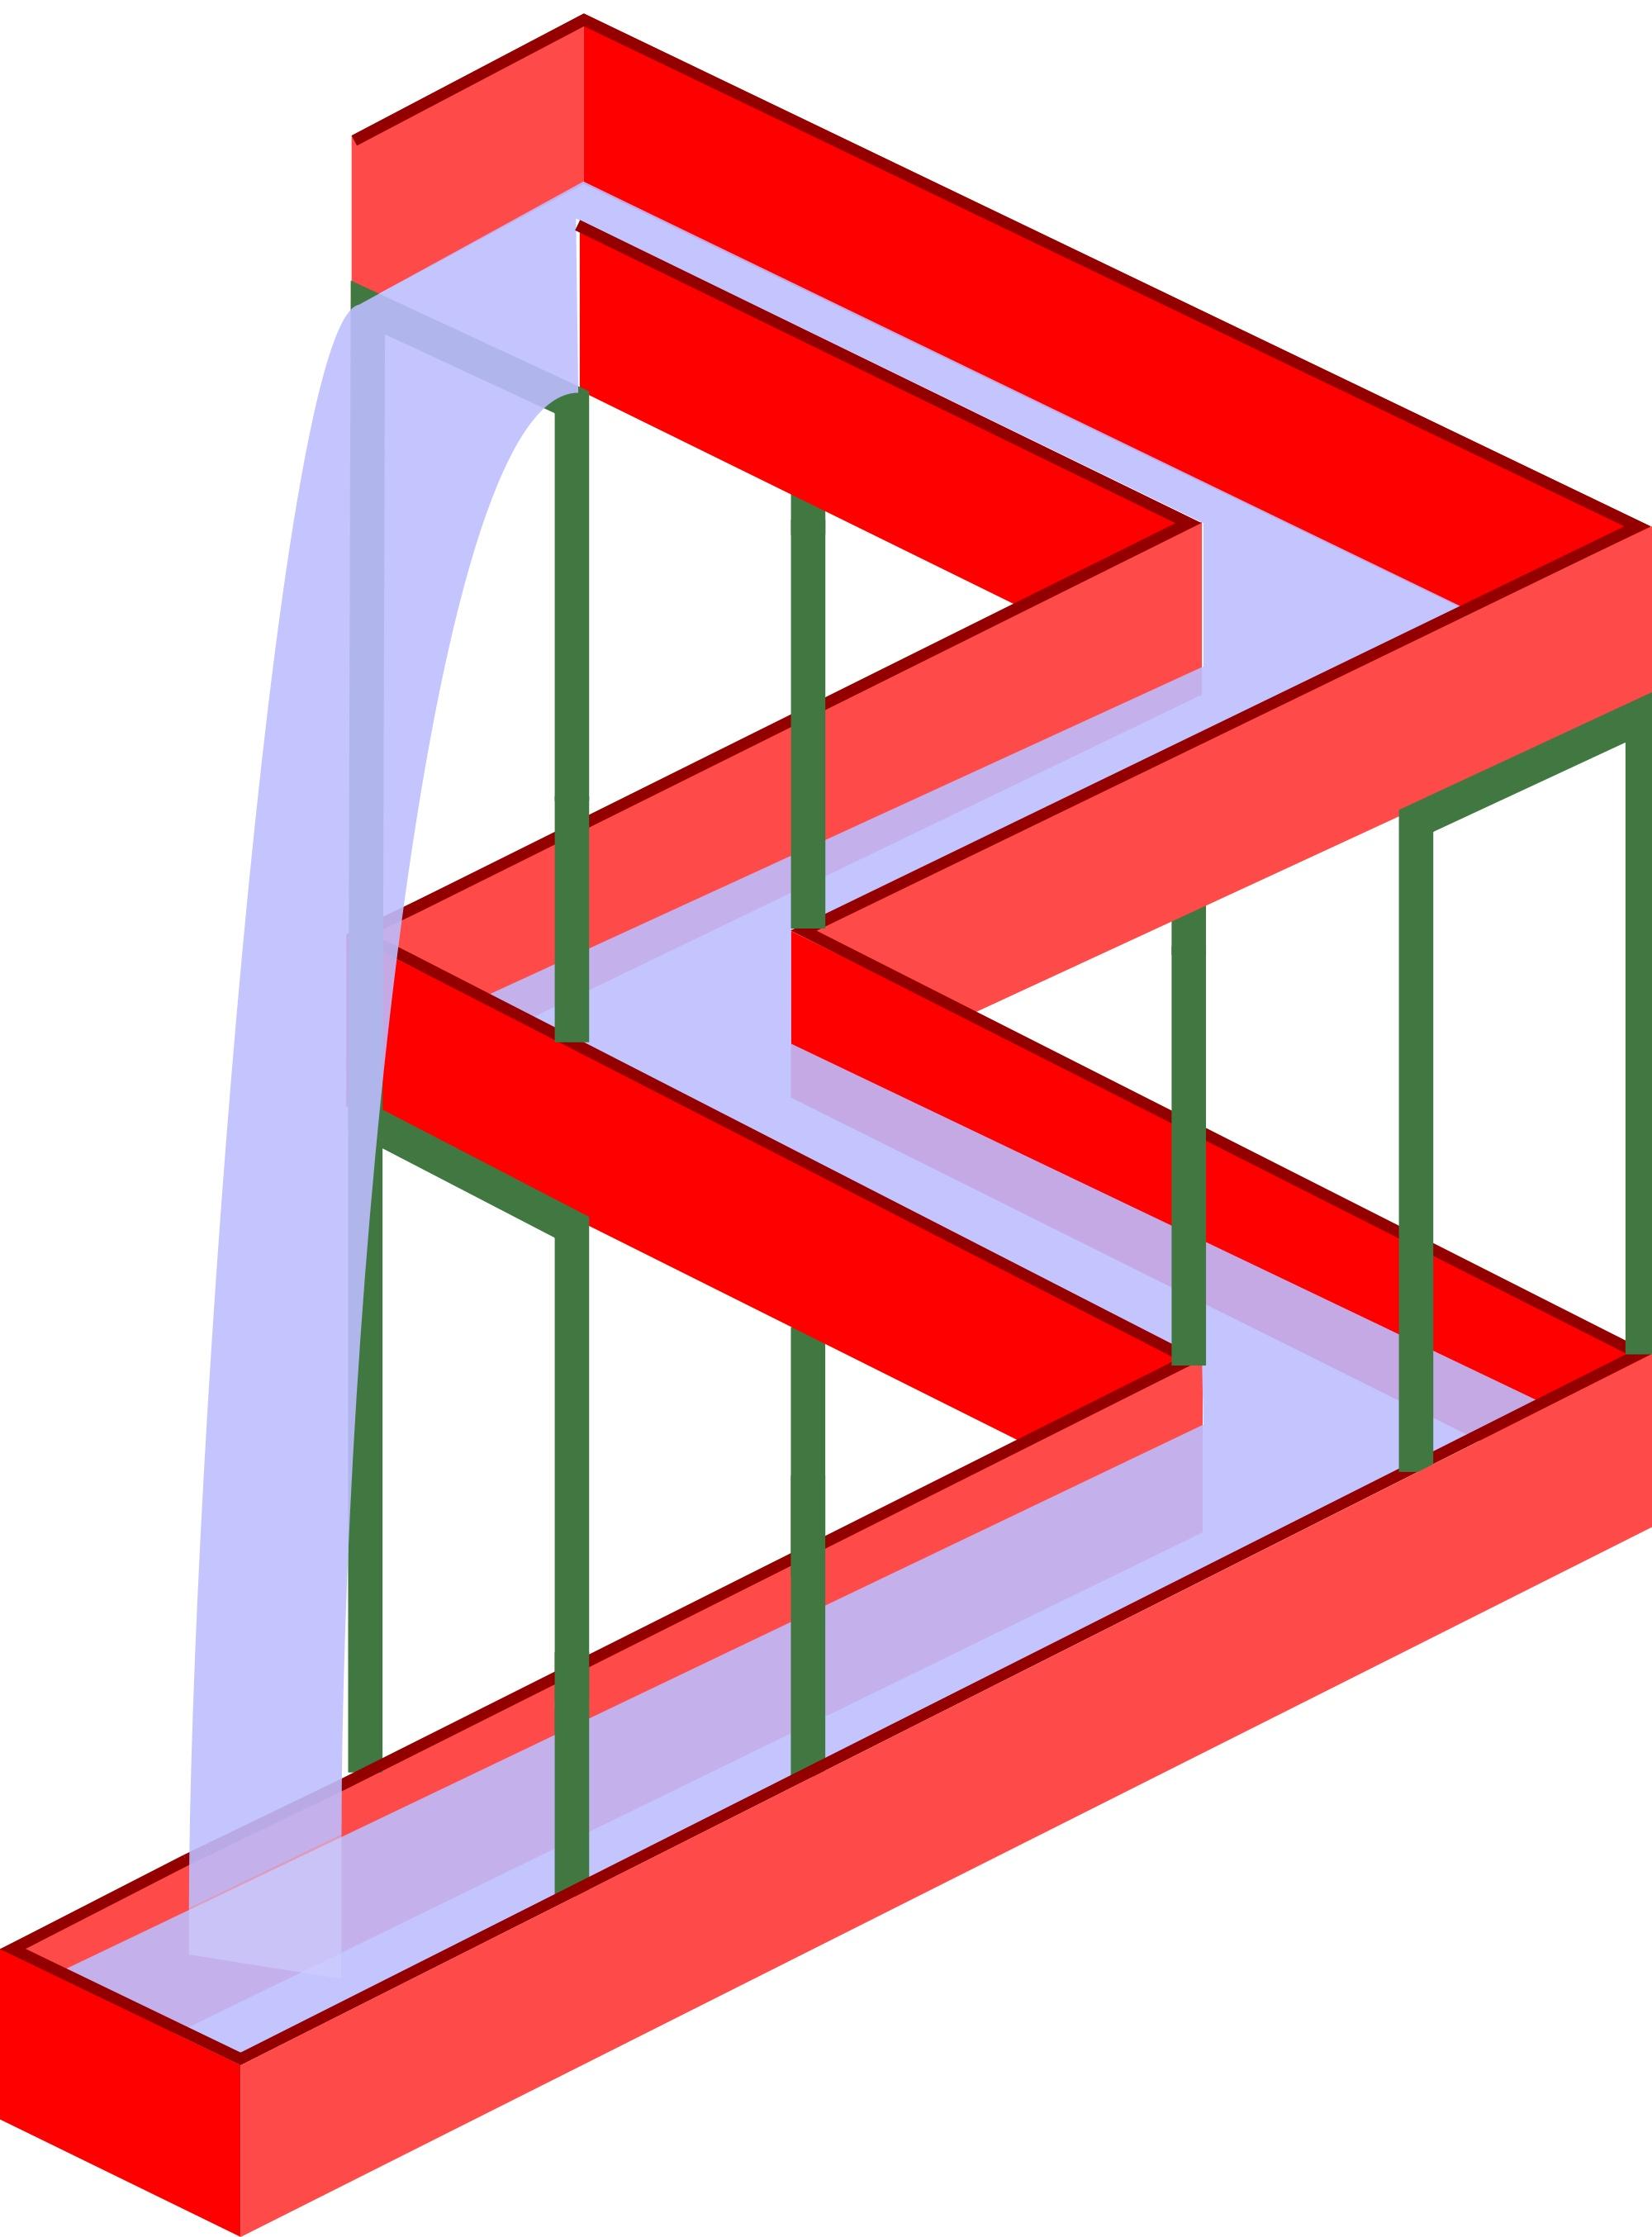 Optische Täuschung Unmögliche Bilder Und Illusionen